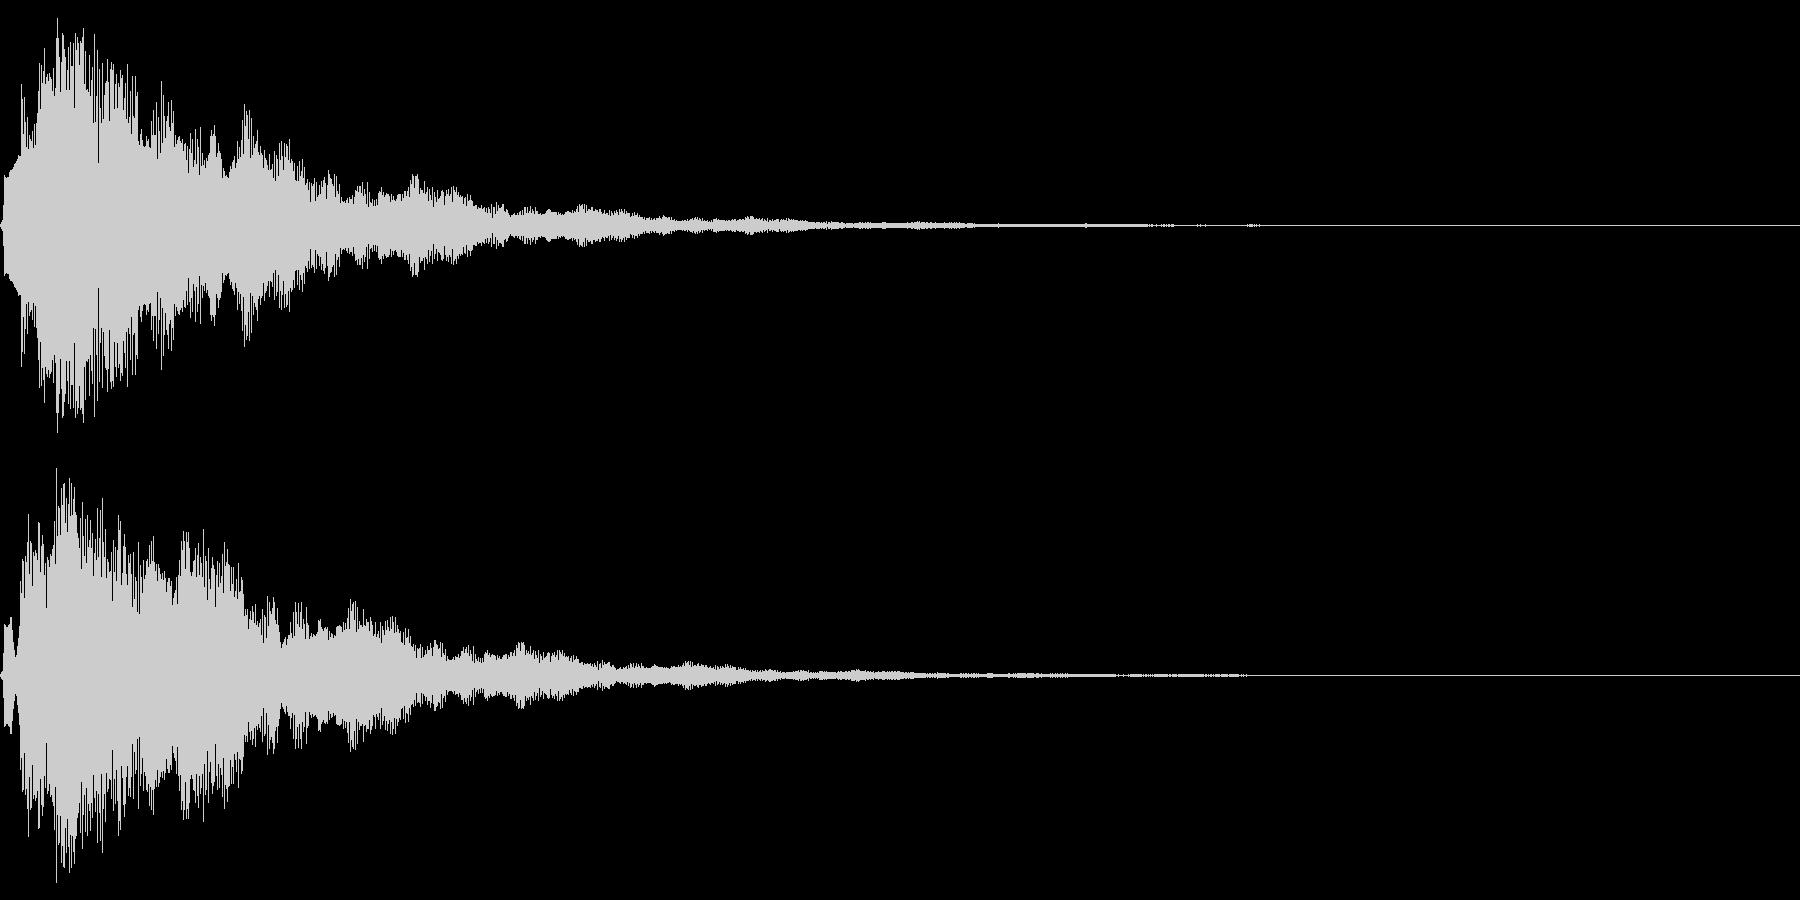 サウンドロゴ10(ベル系)の未再生の波形